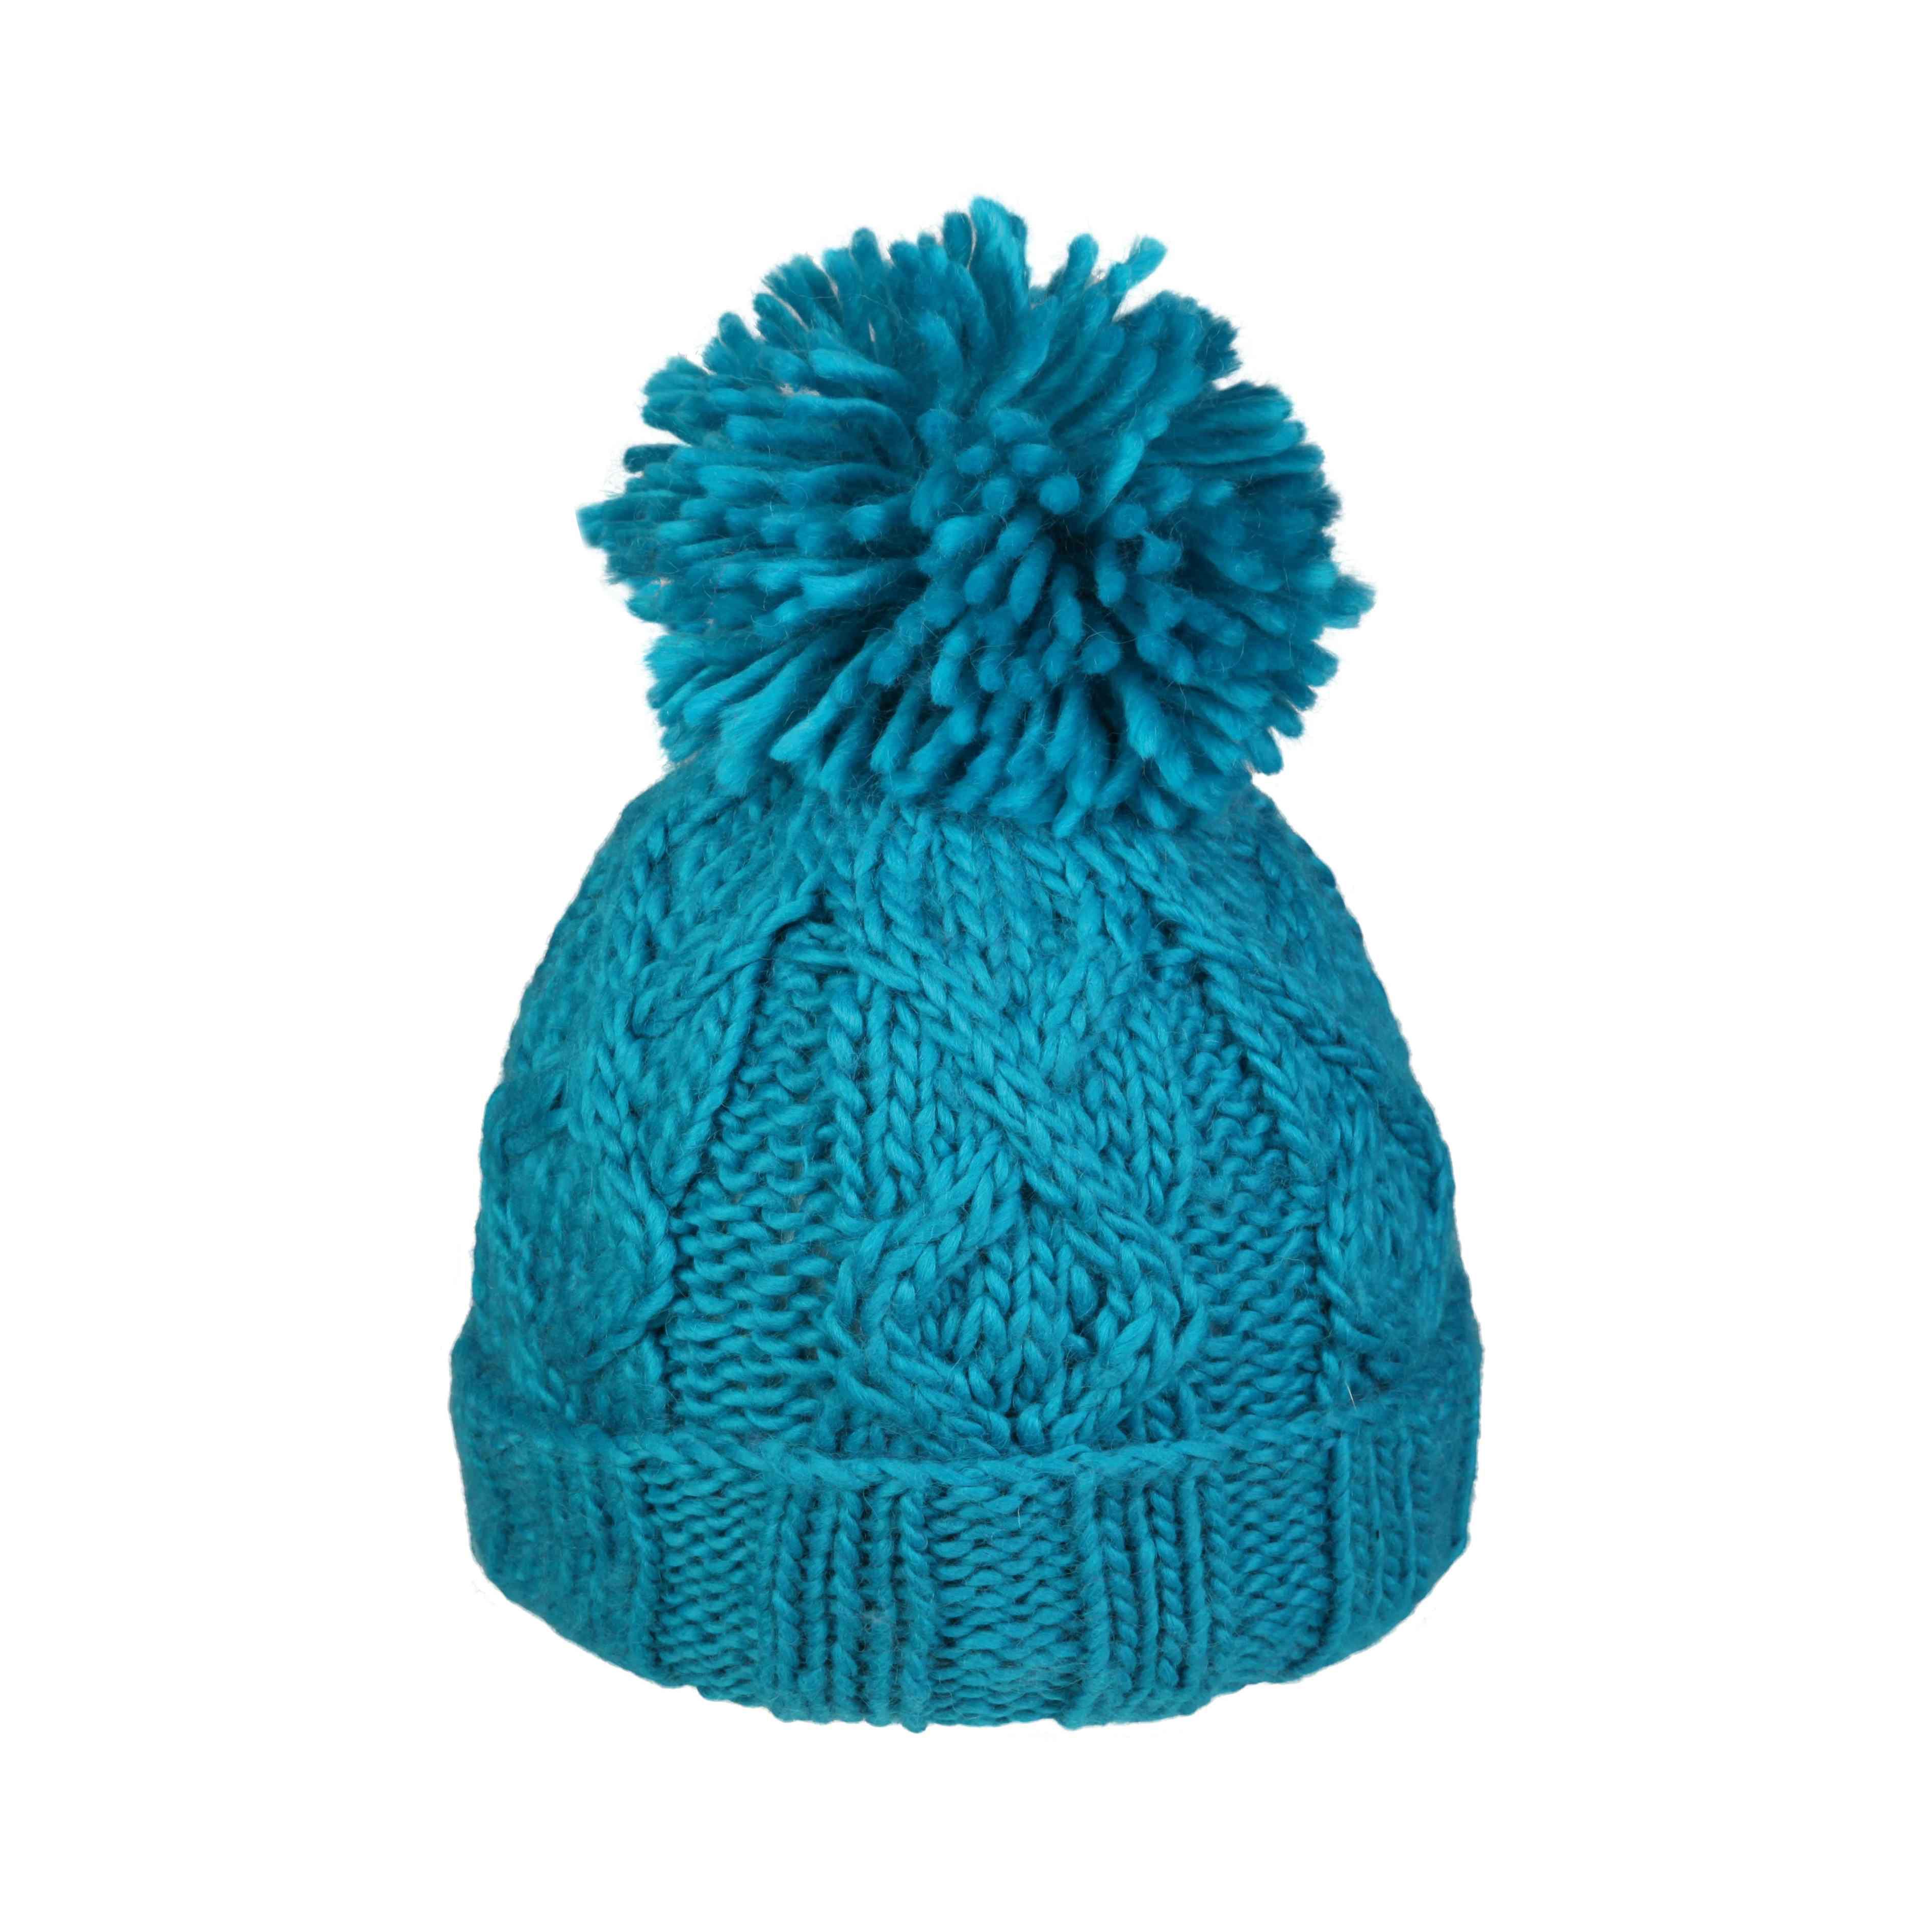 faire un pompon de bonnet pour bonnet pompon laine faire un bonnet en  tricot rlobato with bonnet avec rouleau de papier toilette et laine fa3cfbbaca1